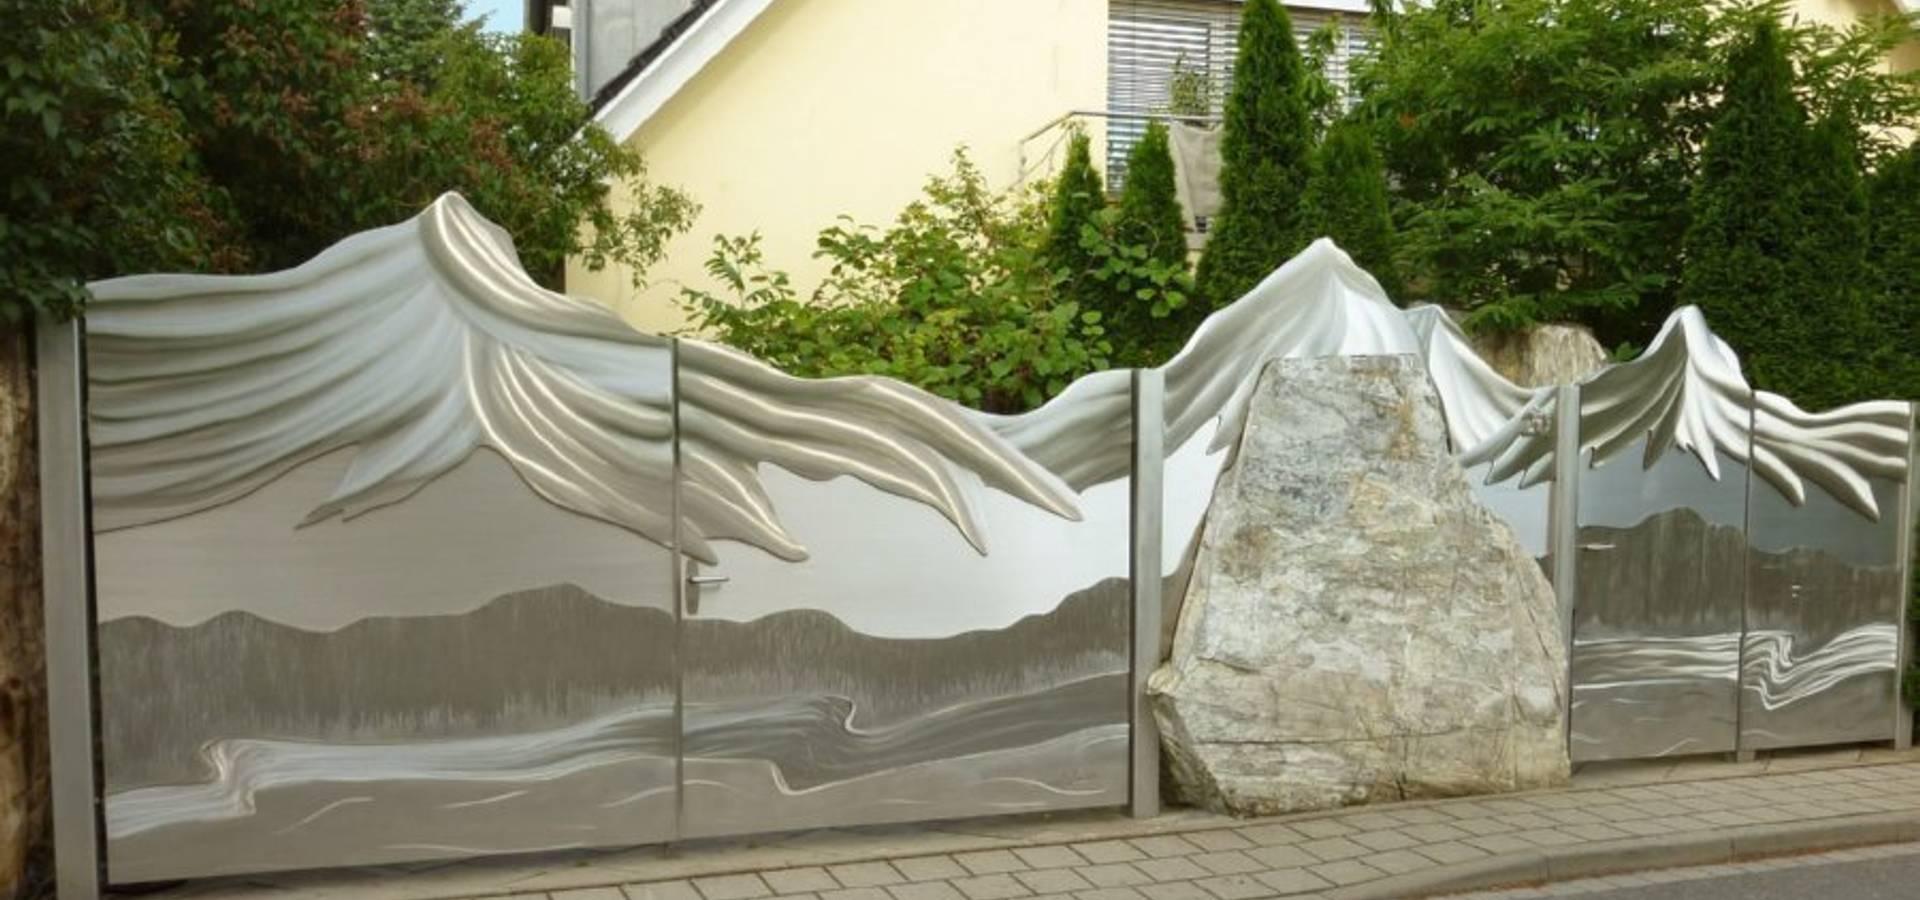 moderne edelstahltore von edelstahl atelier crouse - stainless ... - Gartentor Edelstahl